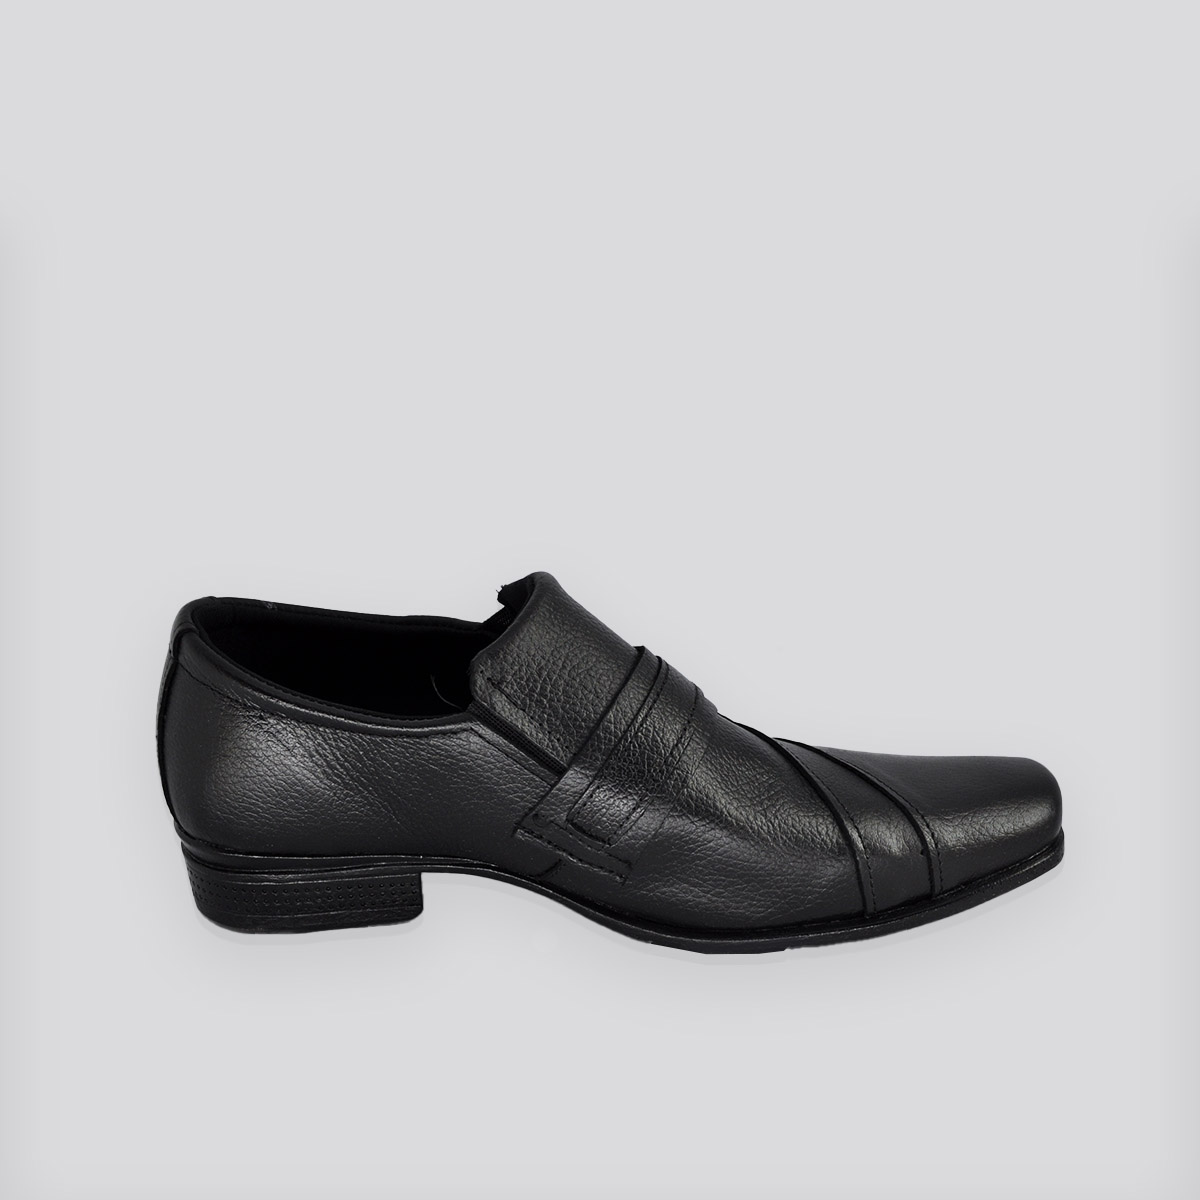 Sapato Social Masculino Cabedali Preto